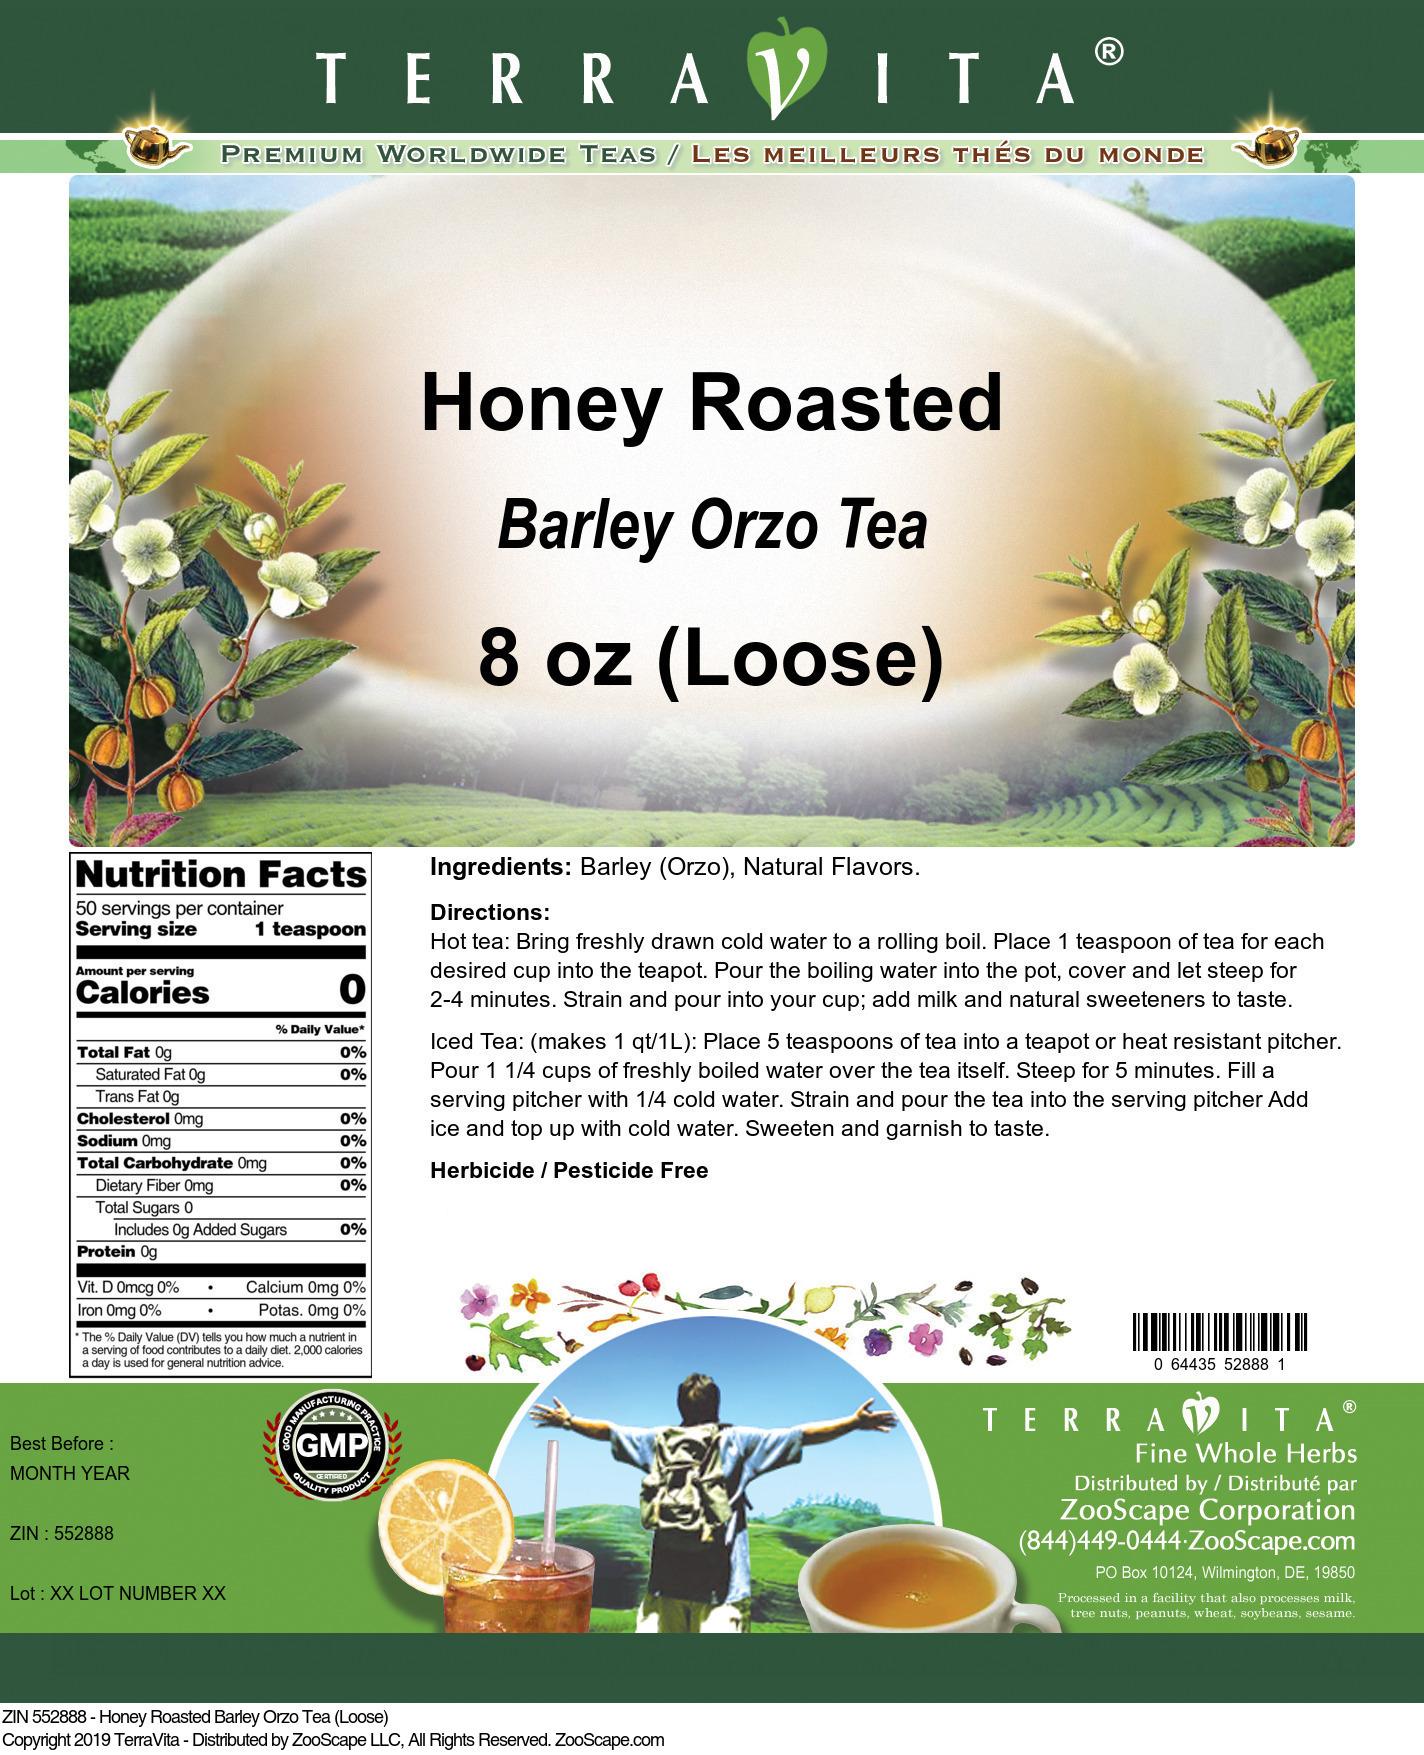 Honey Roasted Barley Orzo Tea (Loose)